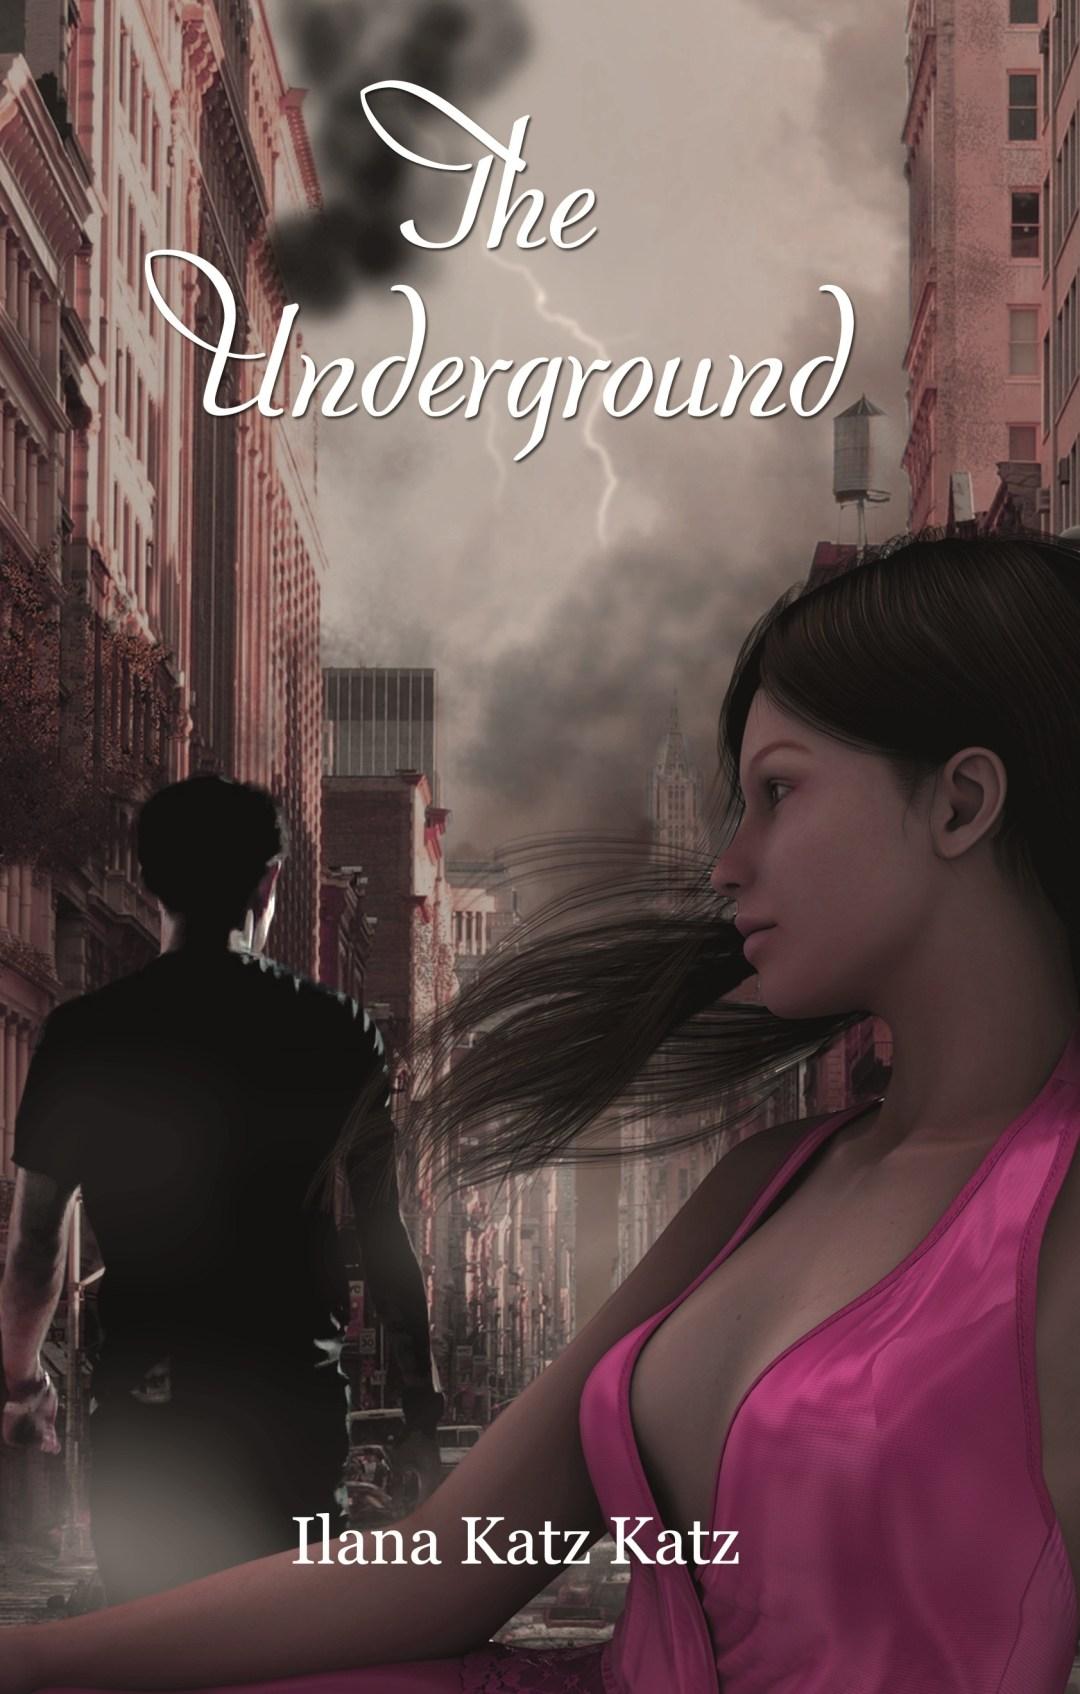 the underground ilana katz katz novel